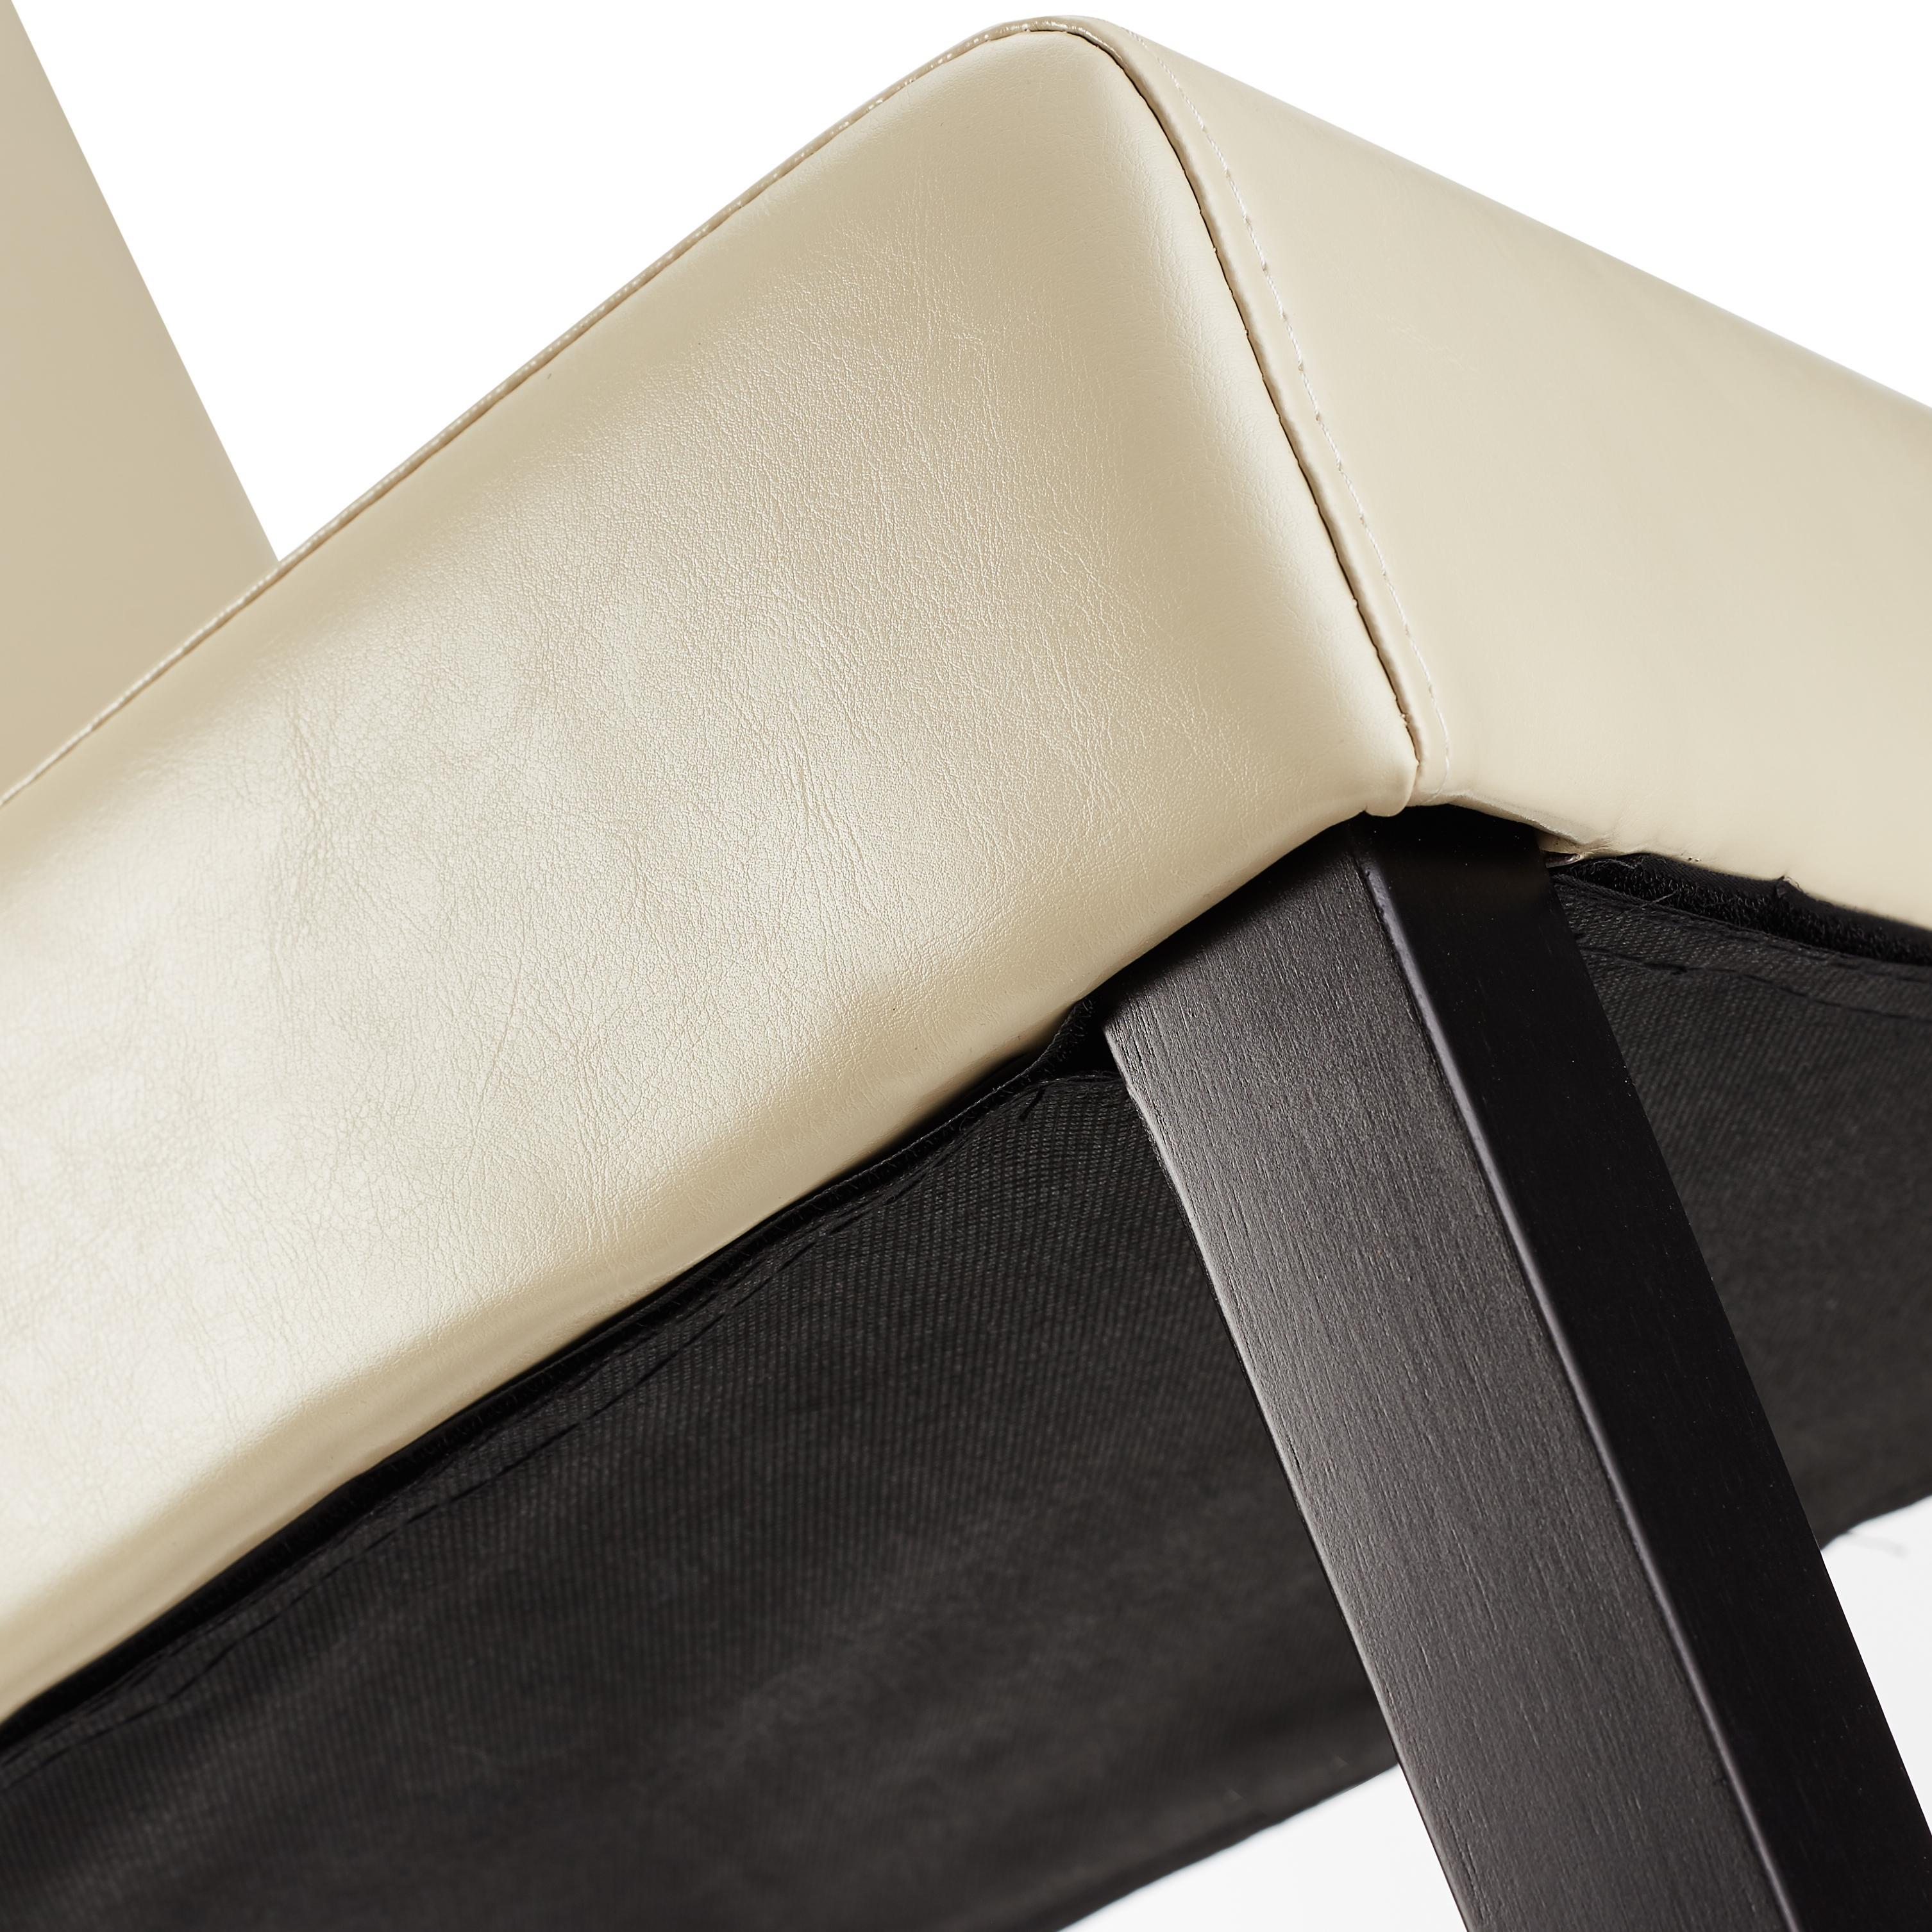 Lote 6 sillas M01 madera y polipiel crema, patas oscuras - Lote 6 ...